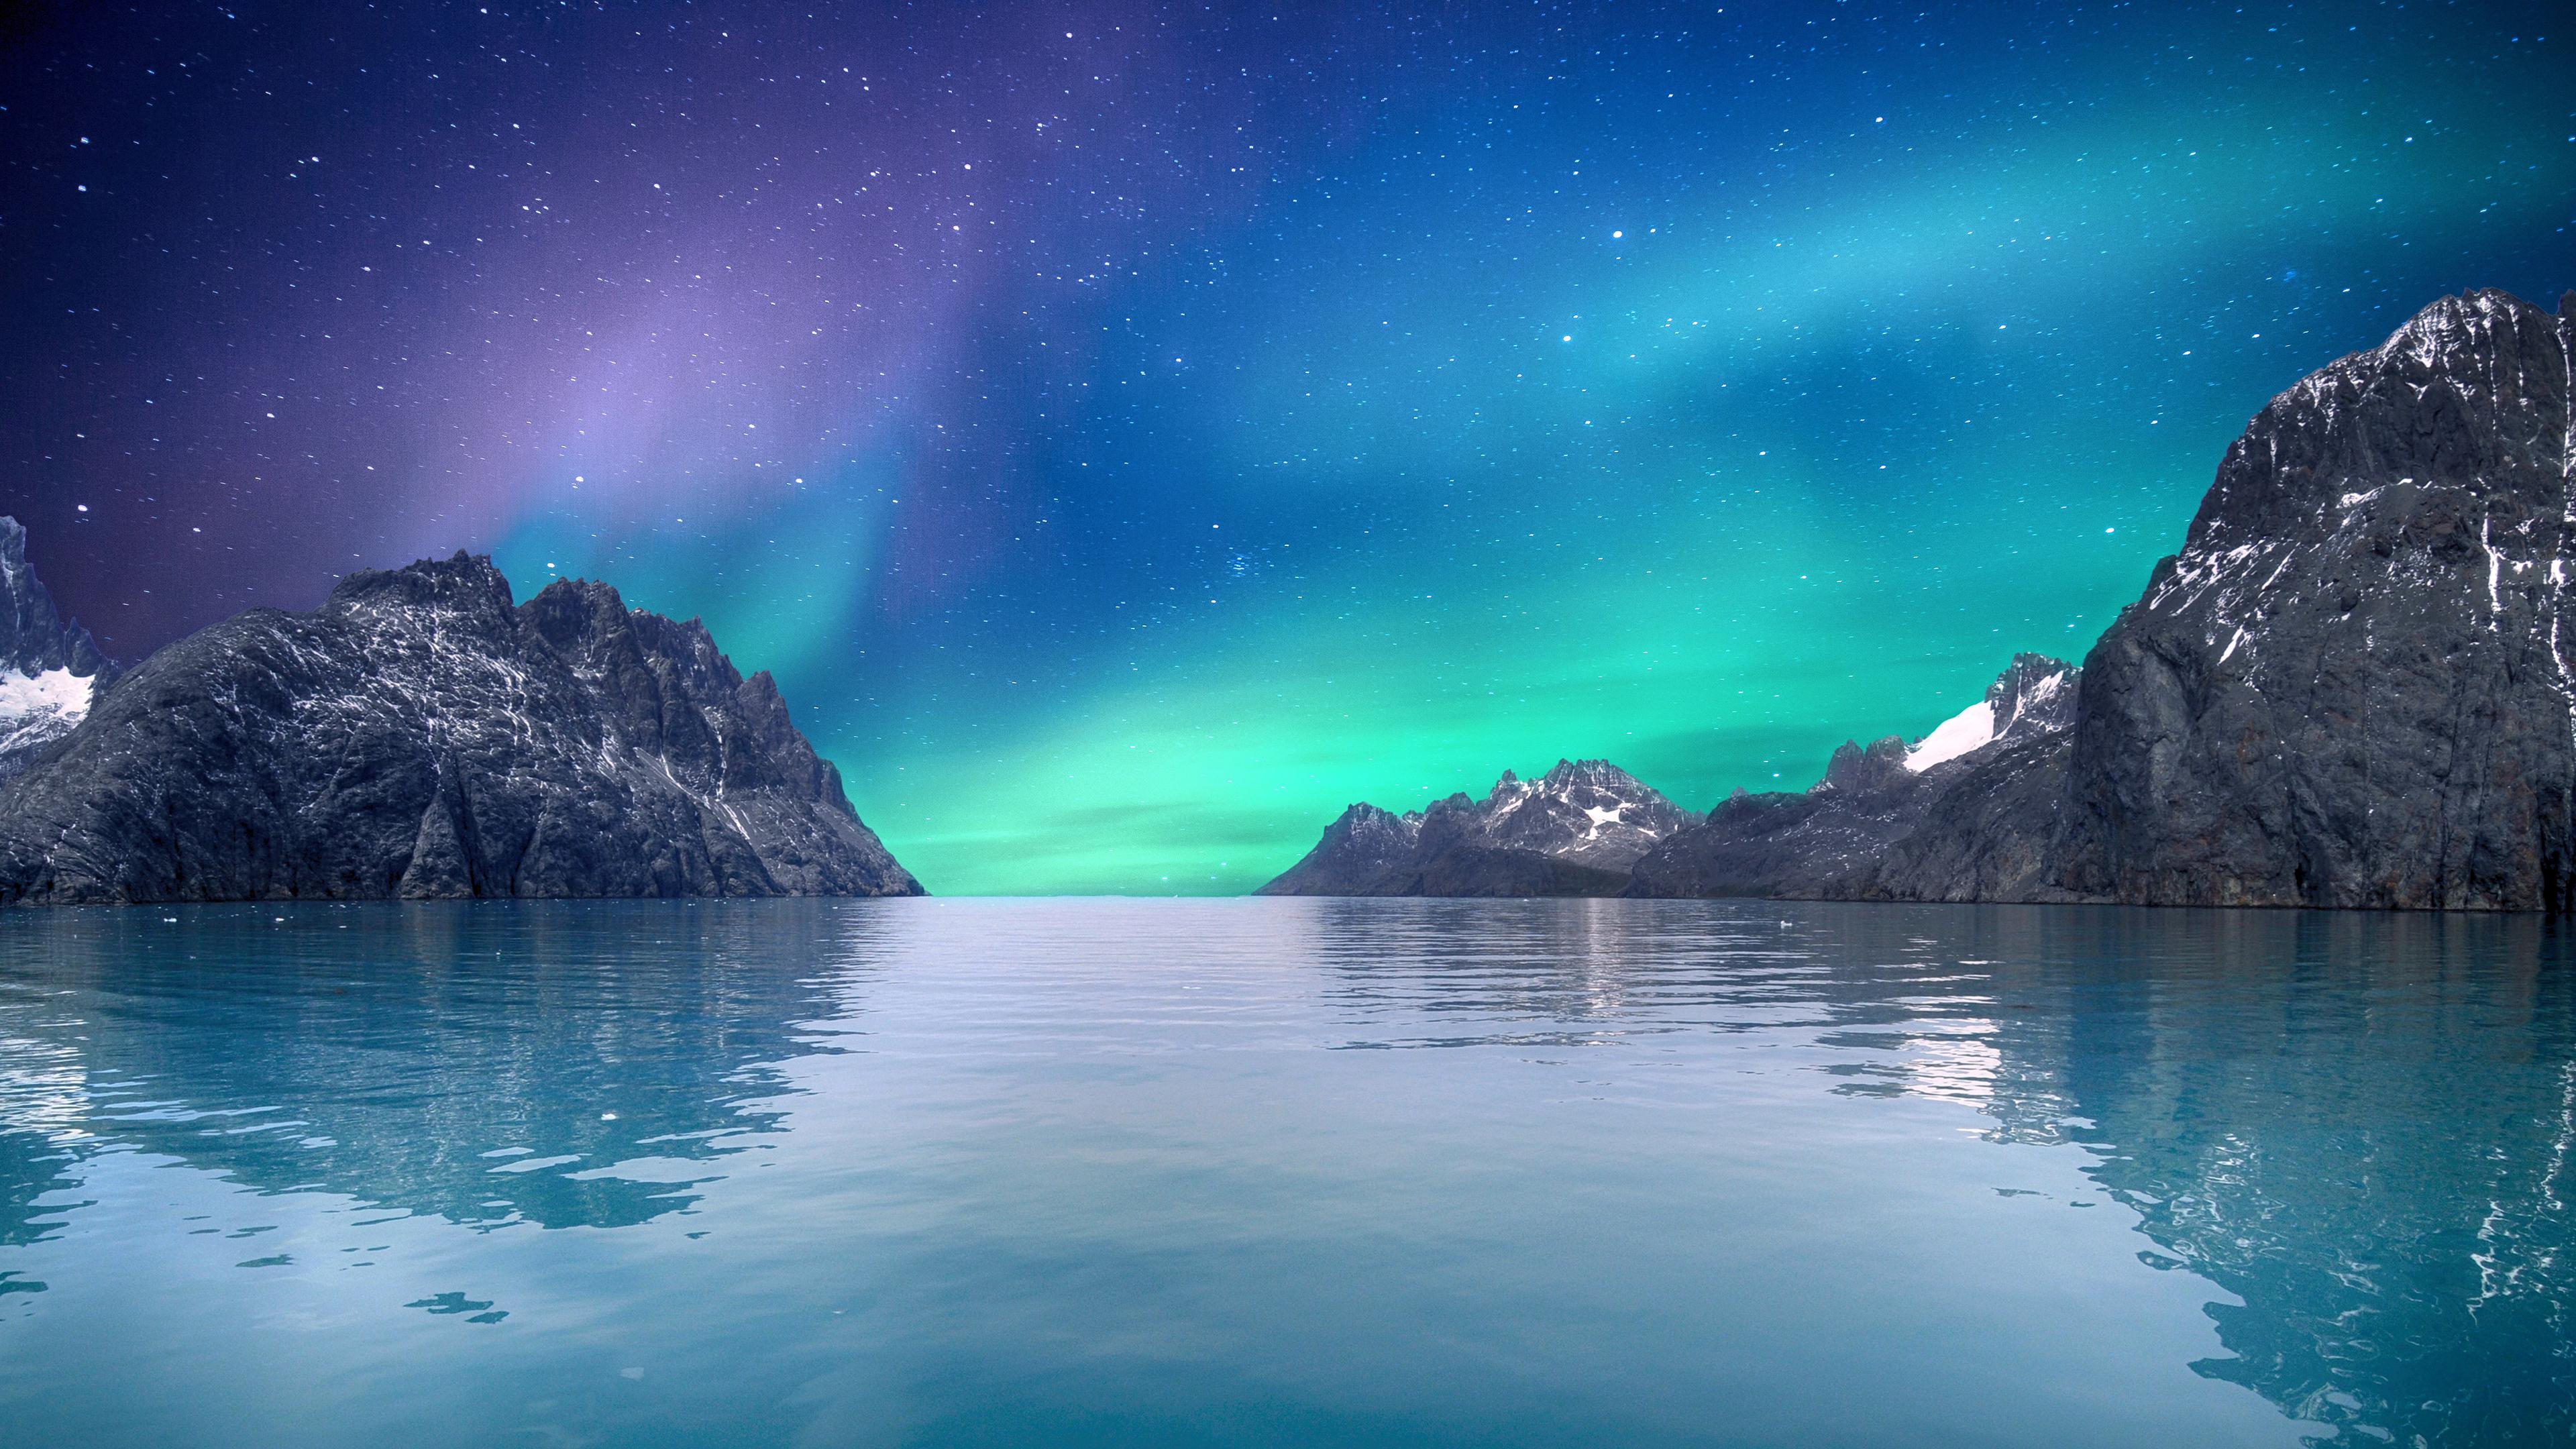 Aurora 4K Borealis Wallpaper, HD Nature 4K Wallpapers ...